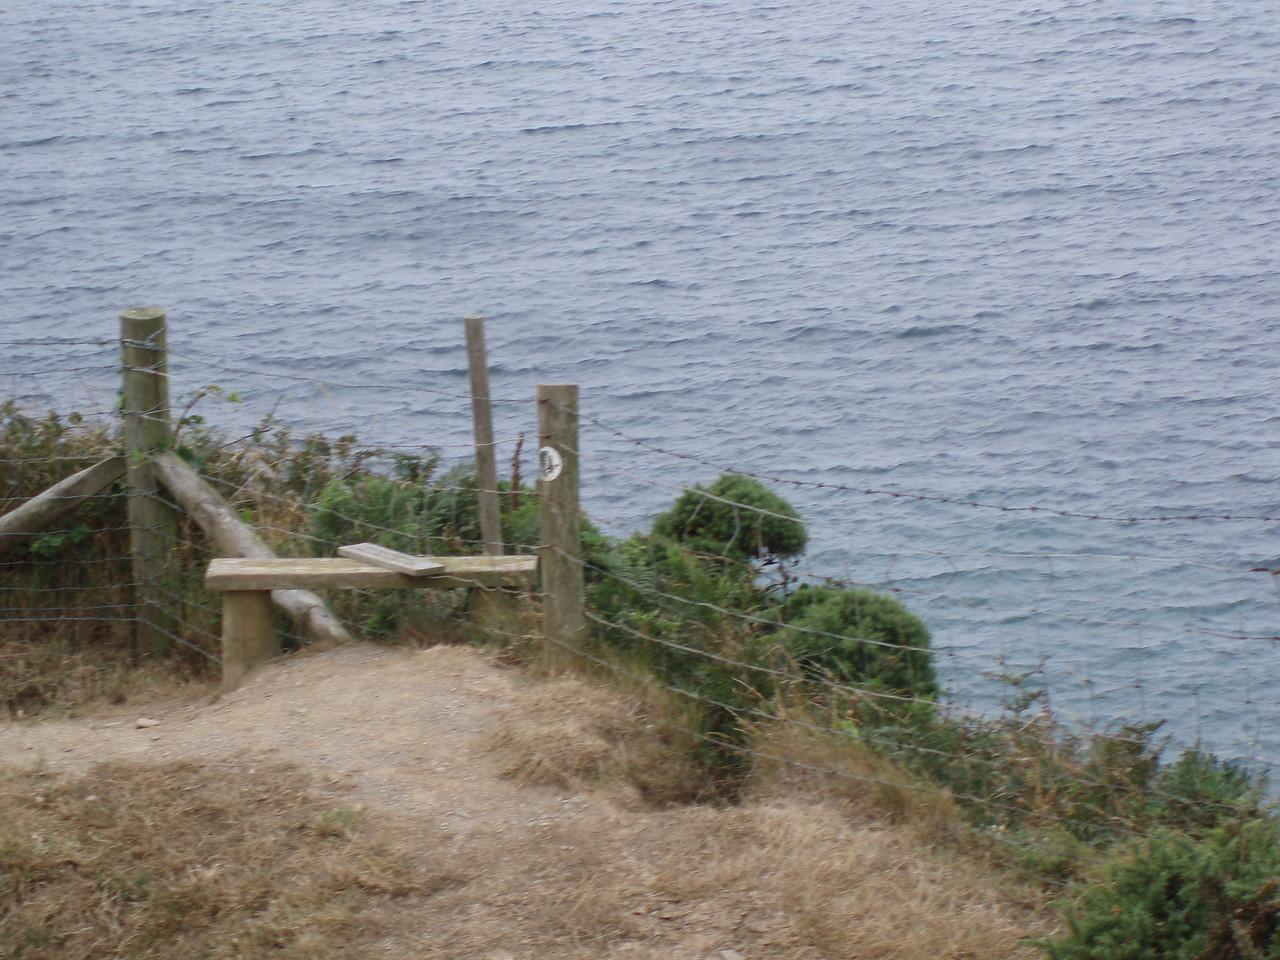 Coast path erosion